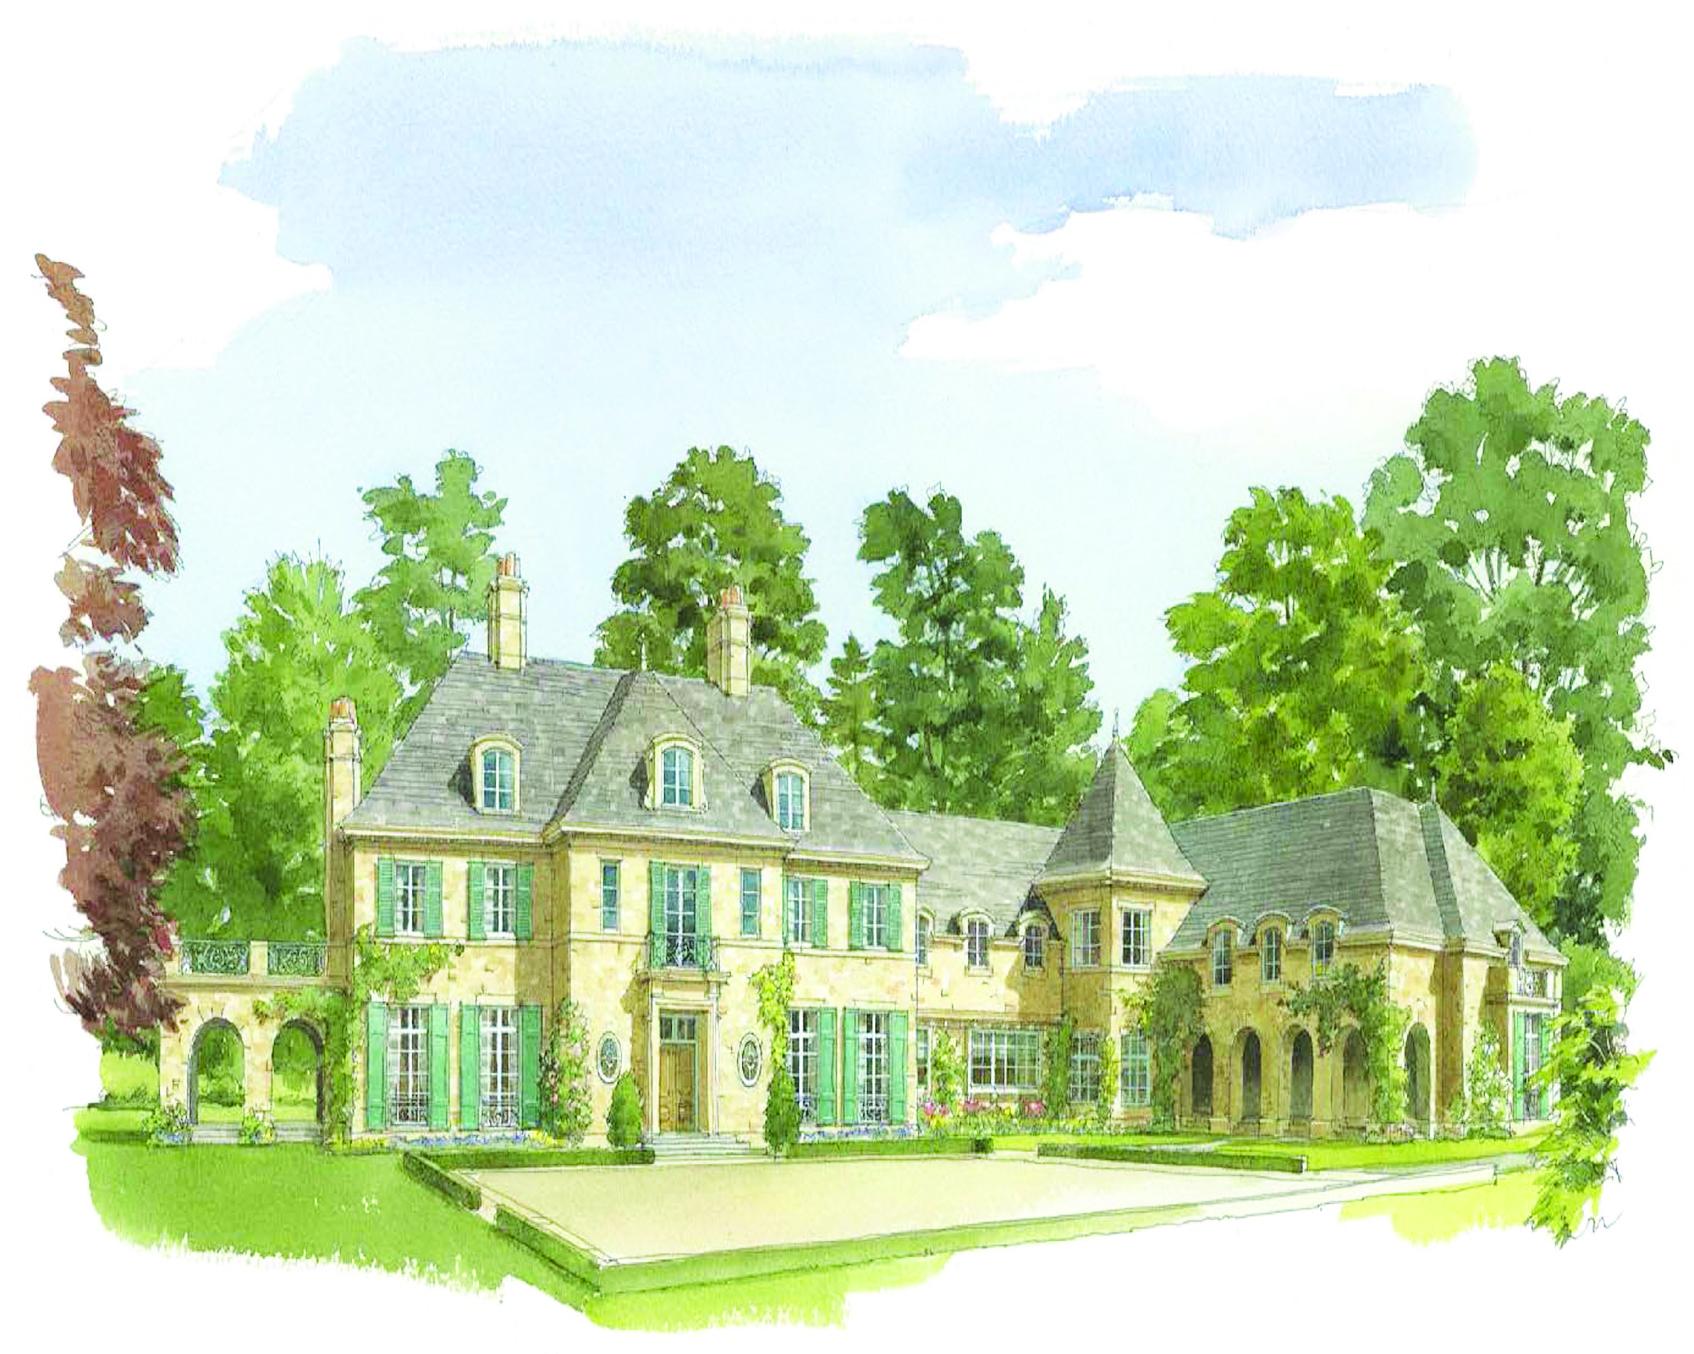 Частный односемейный дом для того Продажа на Custom Dream Home in Estate Area 3 Sherbrooke Road Scarsdale, Нью-Йорк 10583 Соединенные Штаты